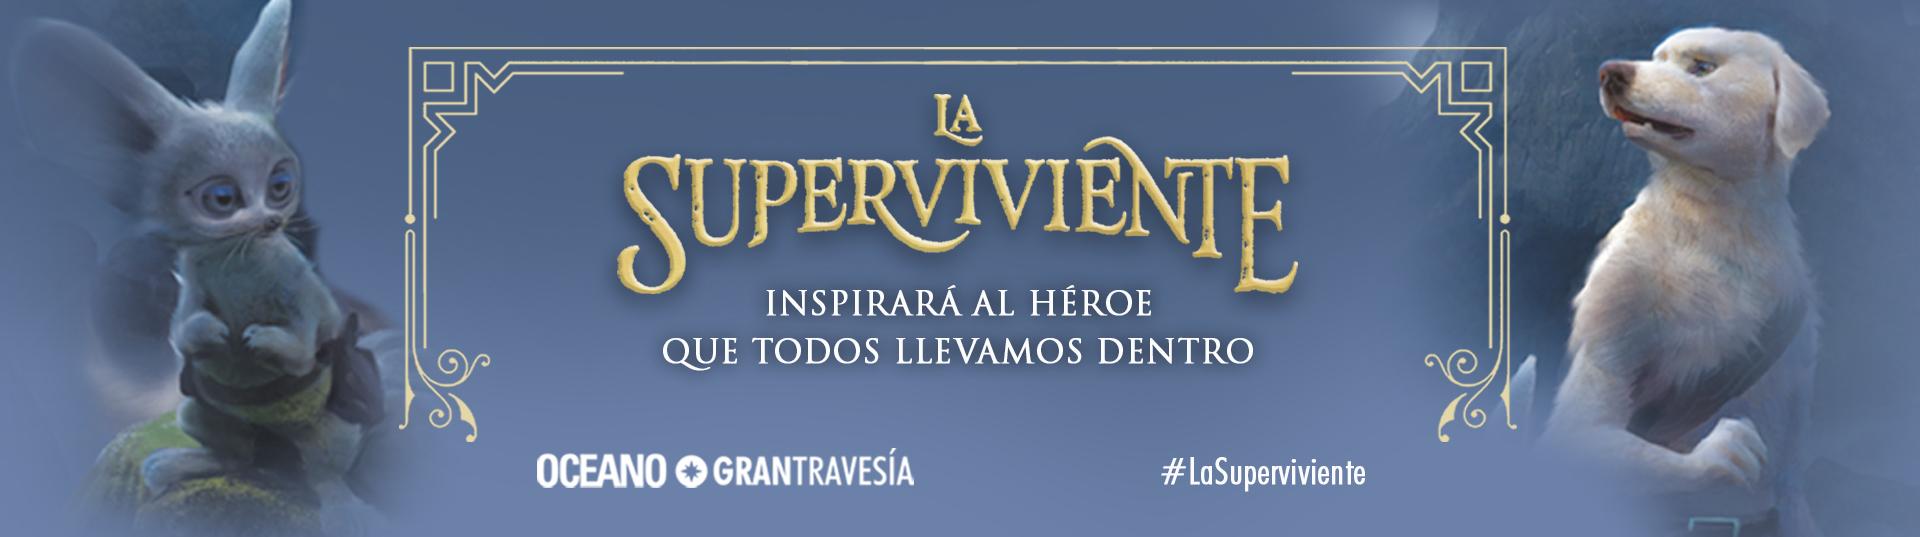 blog_superviviente